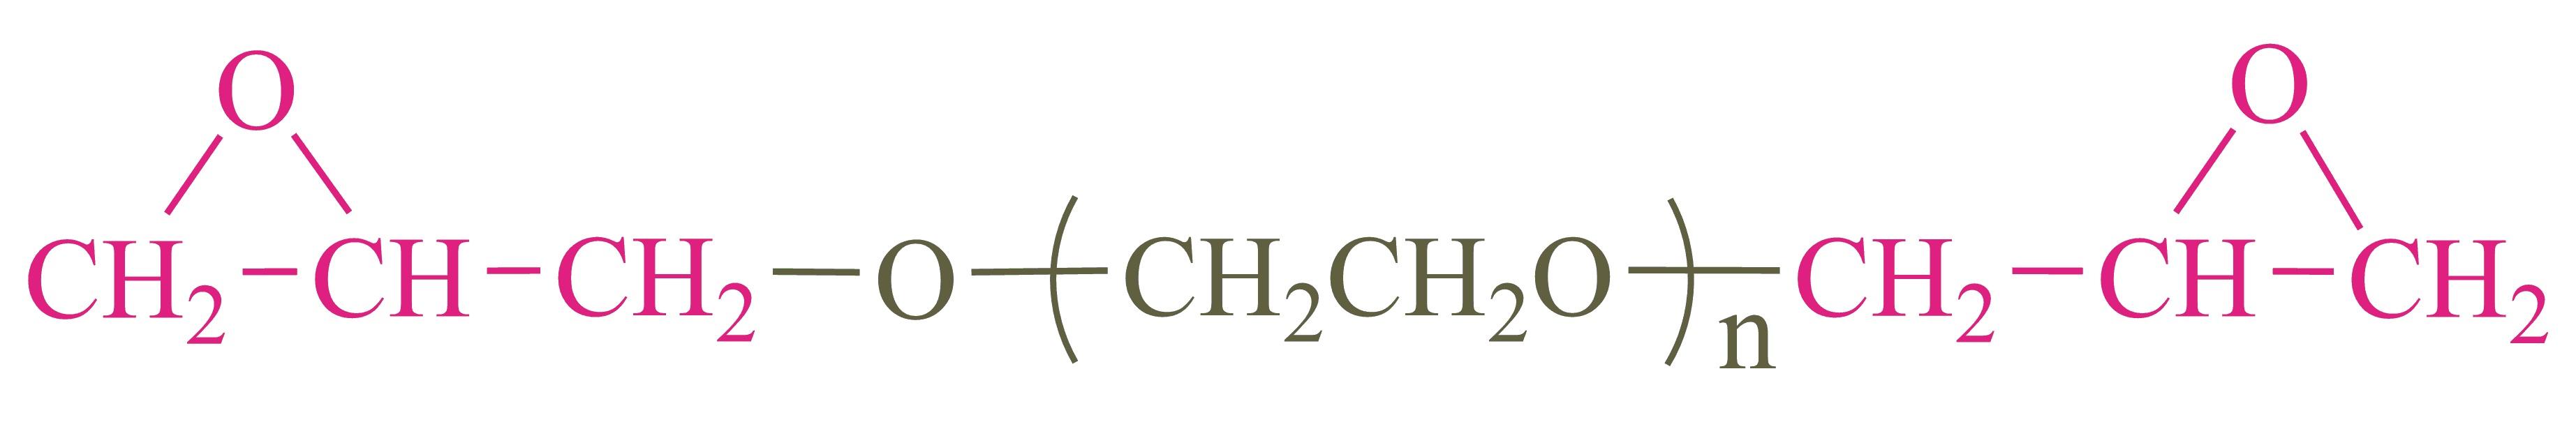 α,ω-二缩水甘油基聚乙二醇(EO-PEG-EO);α,ω-Diglycidyl poly(ethylene glycol)